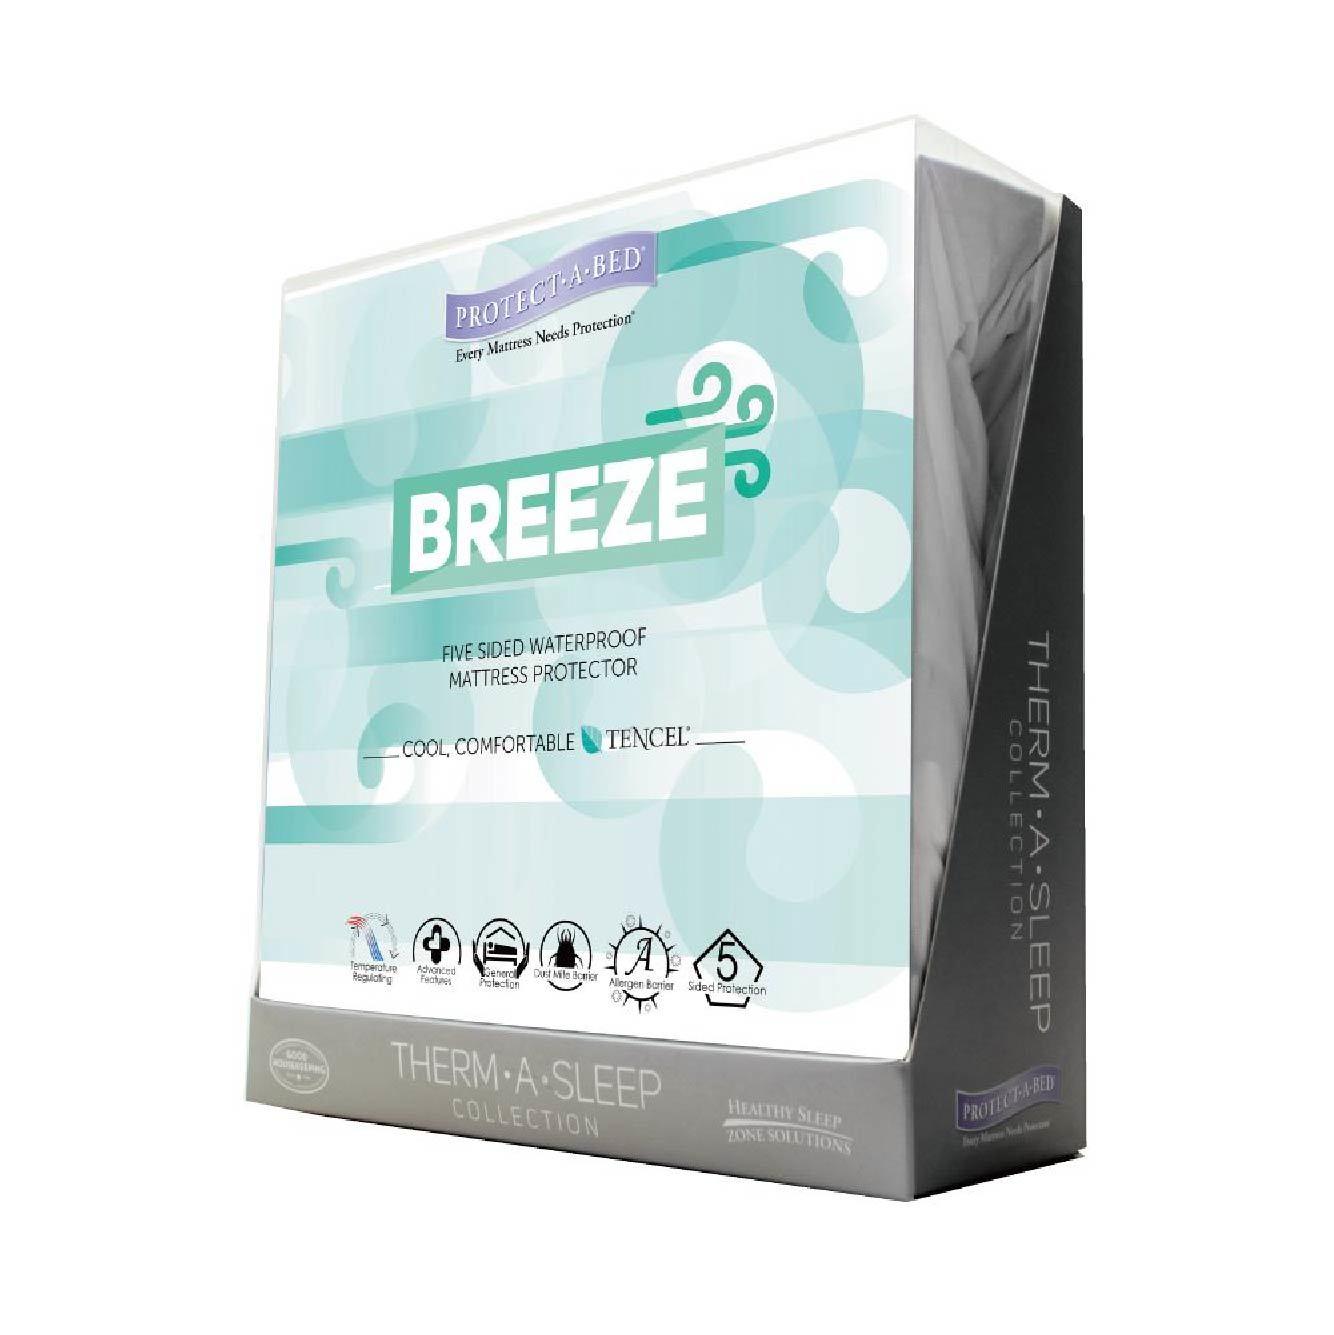 寢之堡Breeze五面防水床包式保潔墊(雙人)